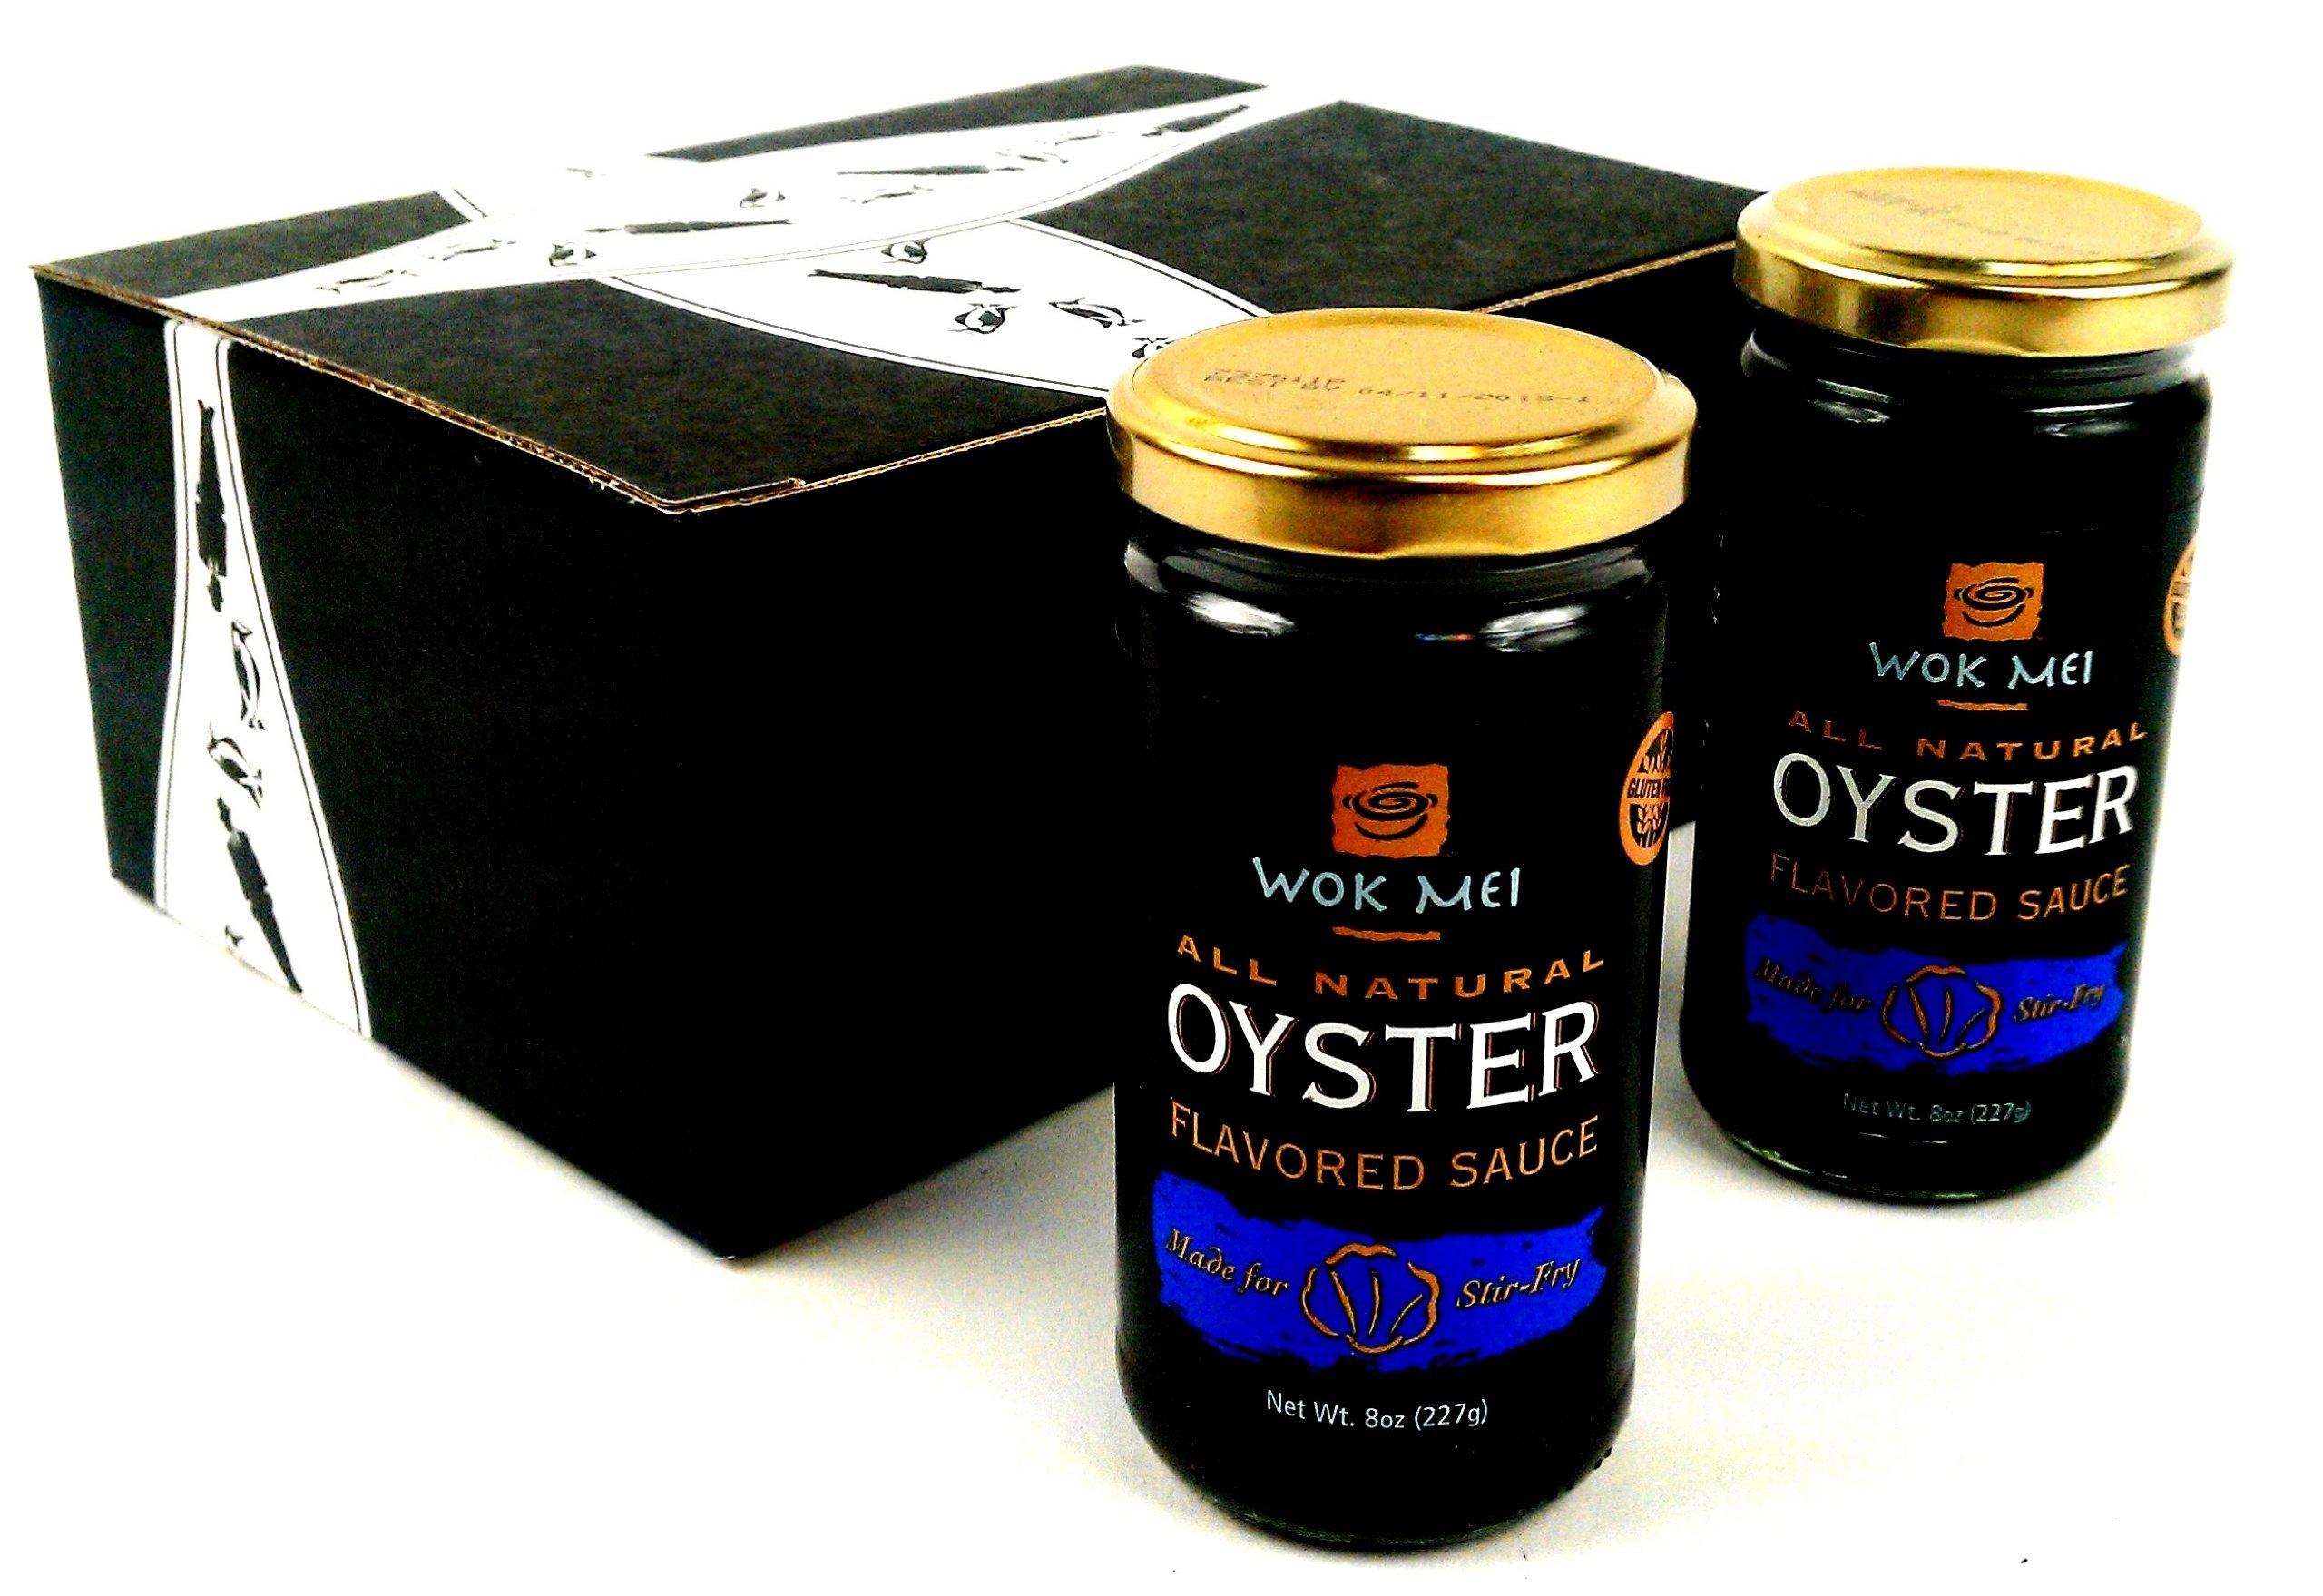 Wok Mei Gluten Free Oyster Sauce, 8 oz Jars in a BlackTie Box (Pack of 2)